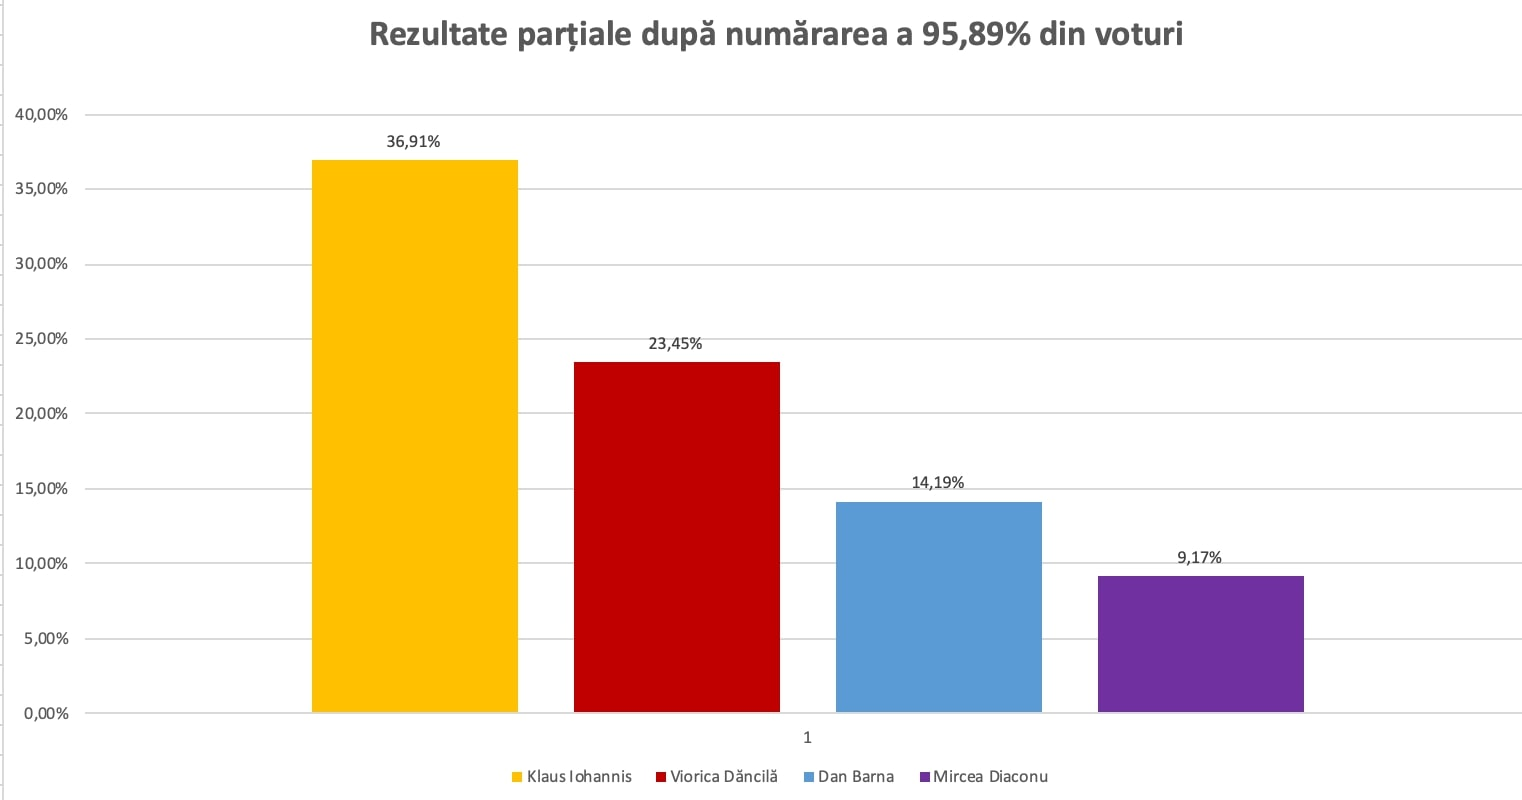 Rezultate Oficiale Parțiale Iohannis 36 91 Dăncilă 23 45